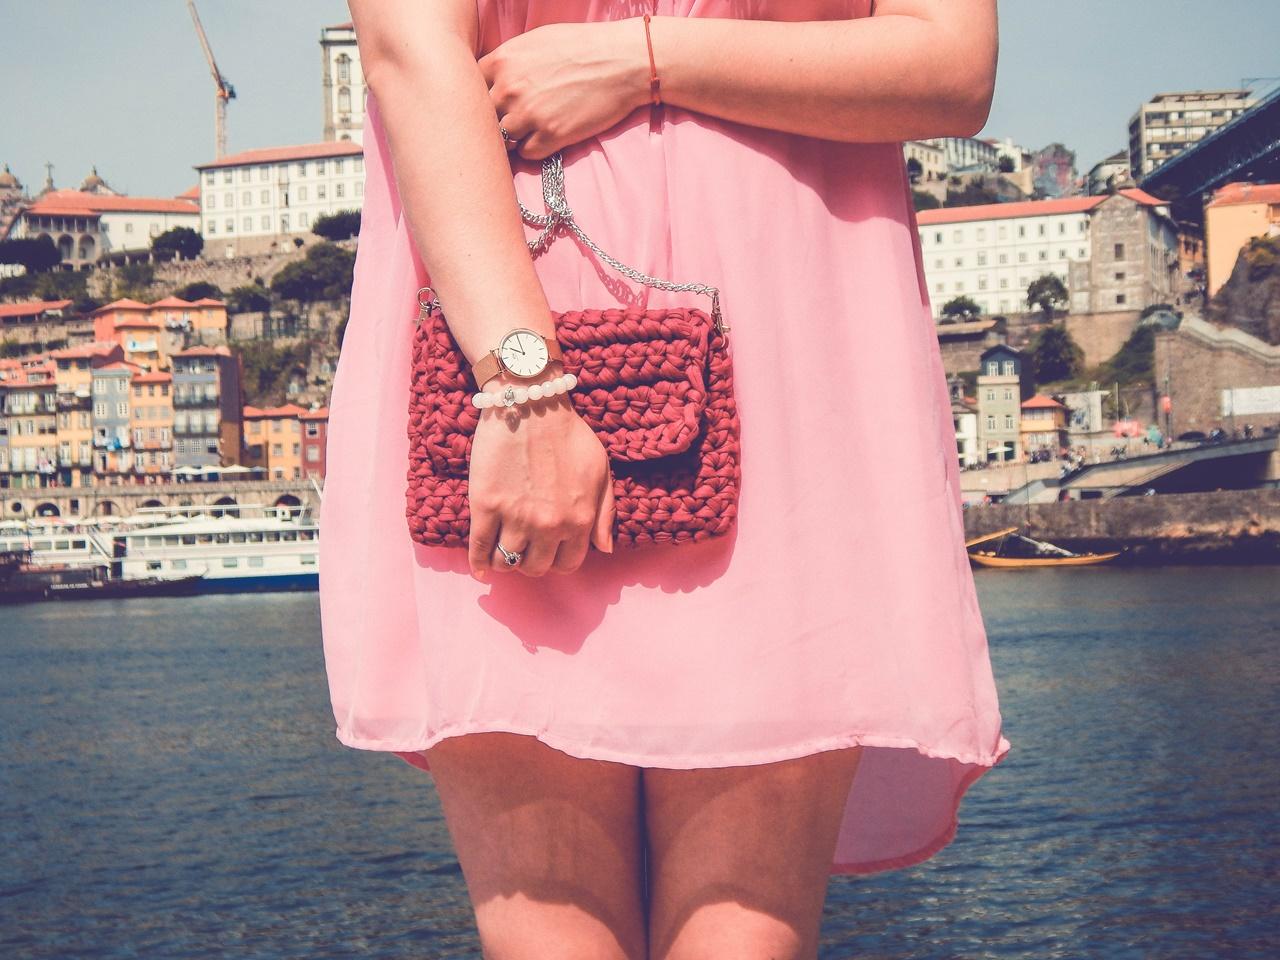 1 czy warto kupować w zaful gamiss sammydress dresslily porady recenzje opinie moje ubrania różowa sukienka z koronką stylizacja z wakacji porto co kupić w porto co zobaczyć w porto torebka